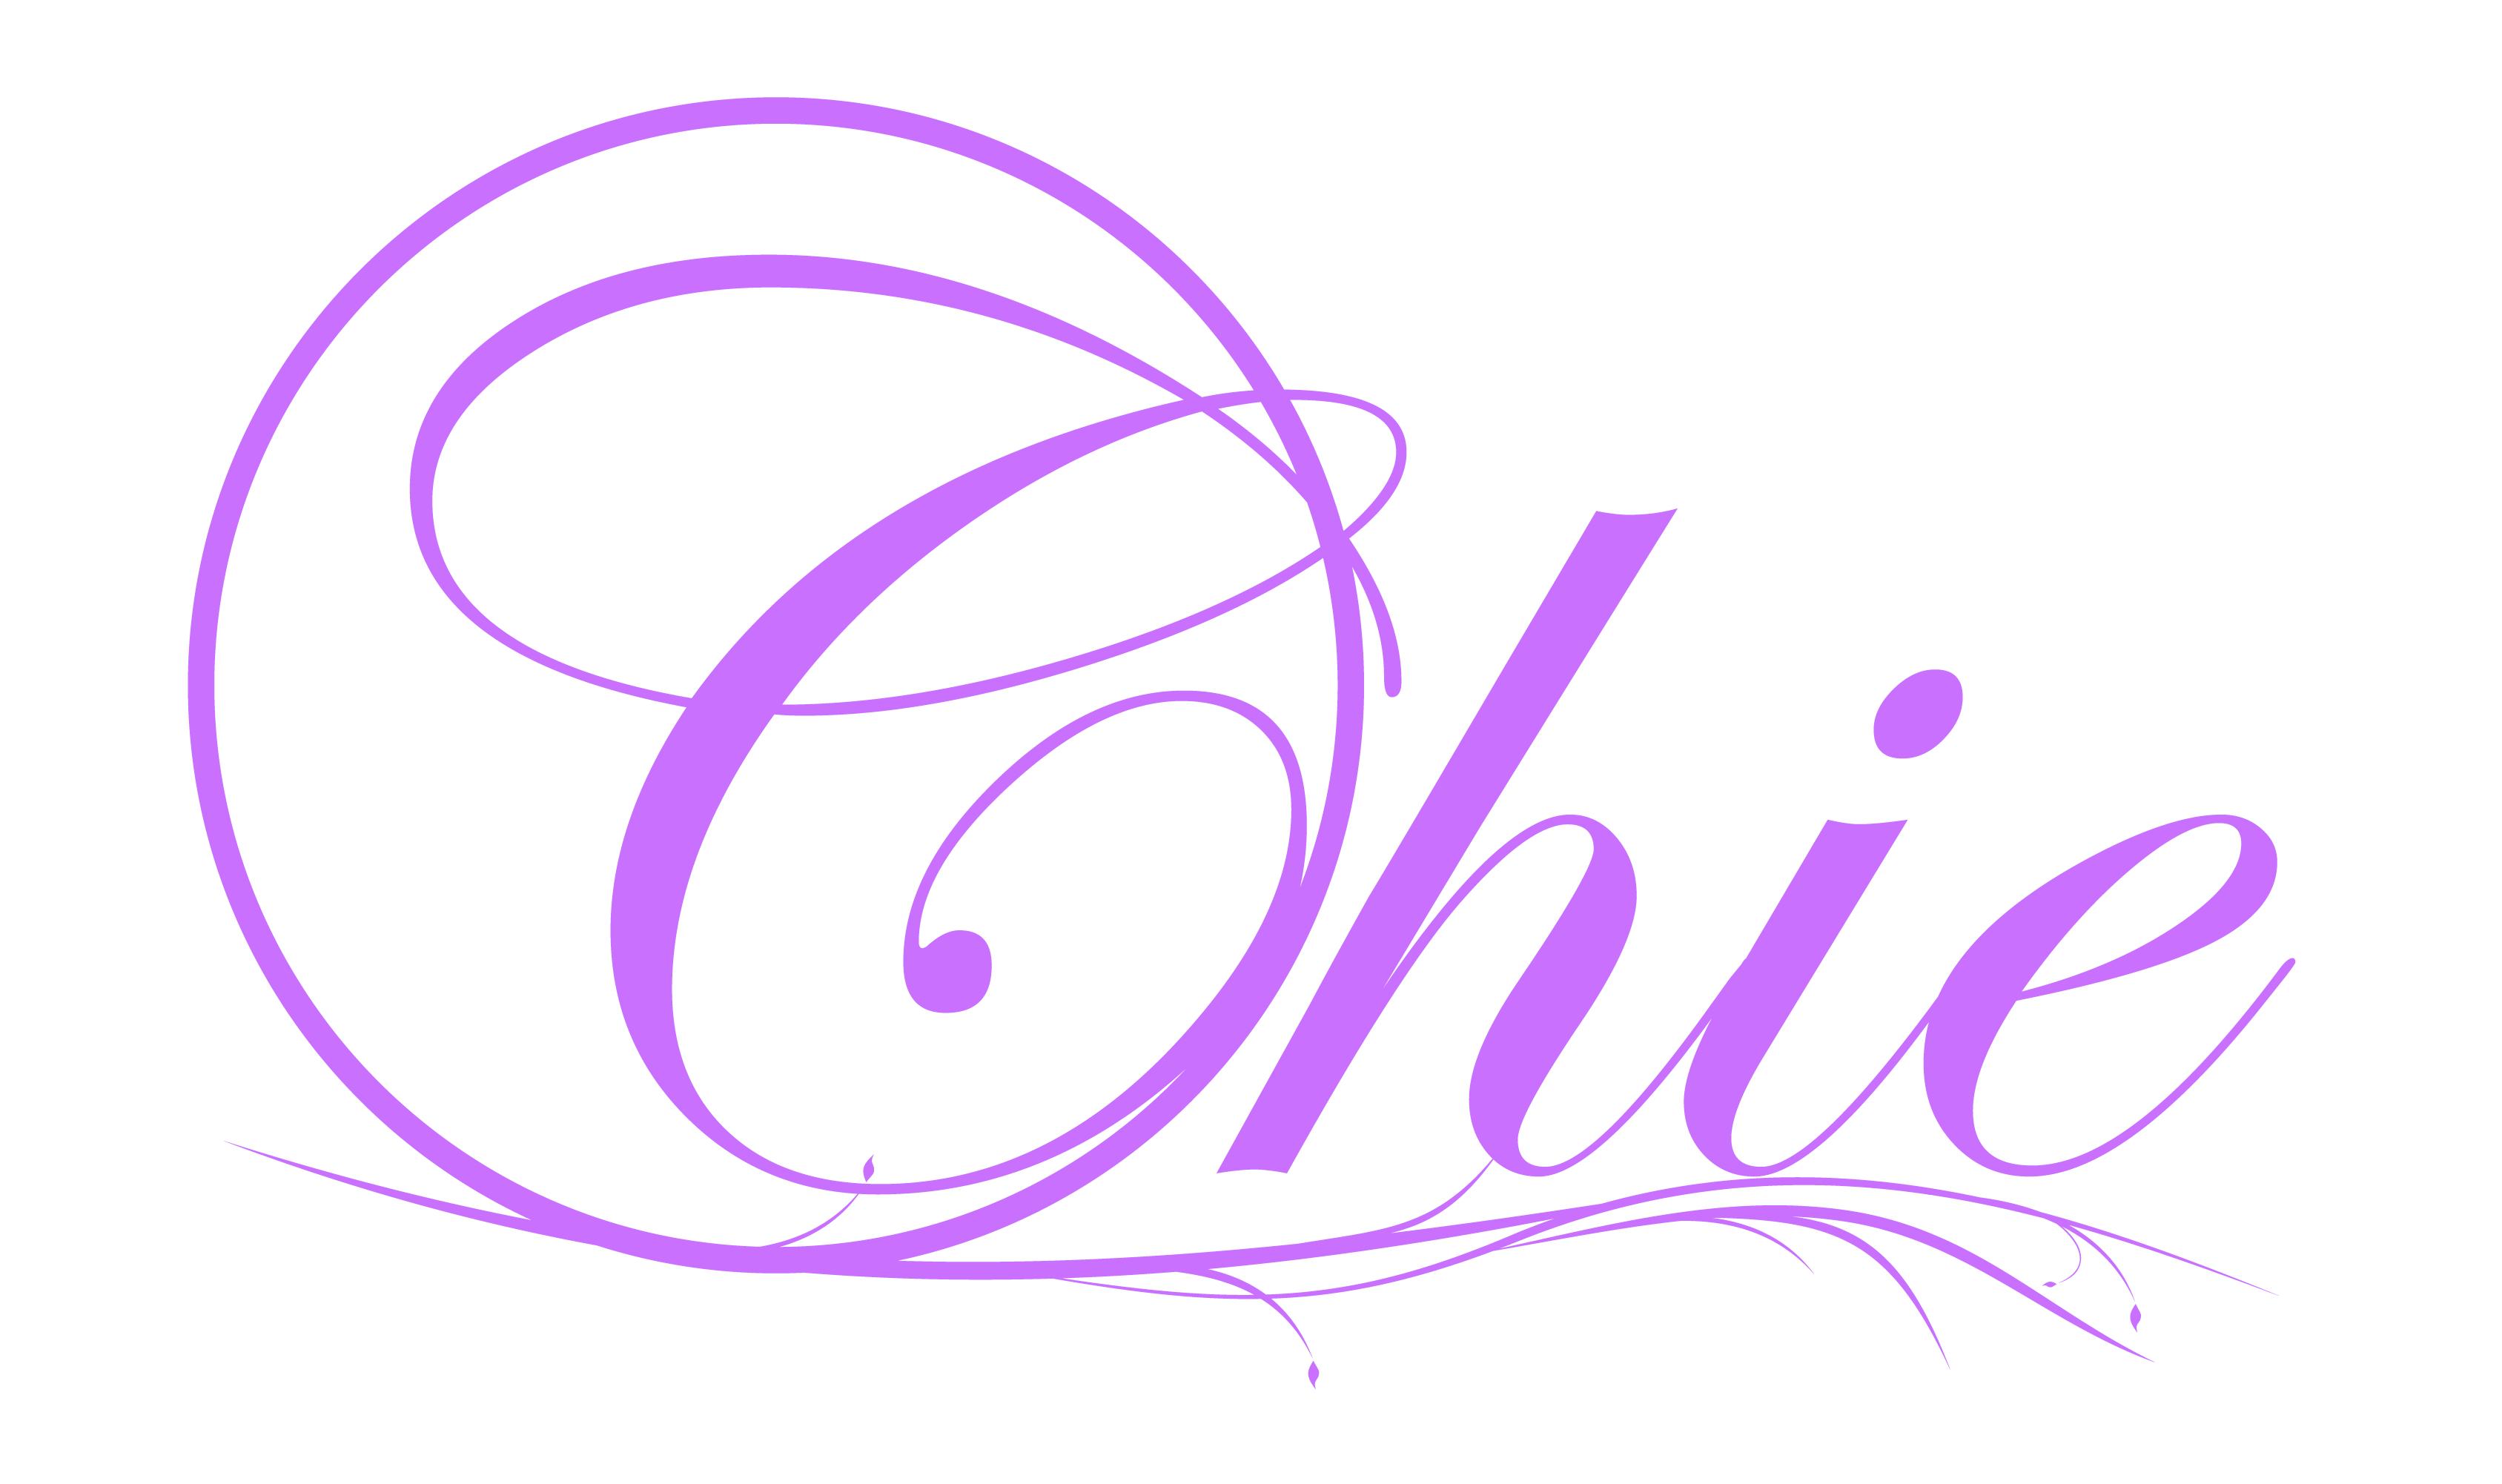 ChieLogo simple-01.jpg